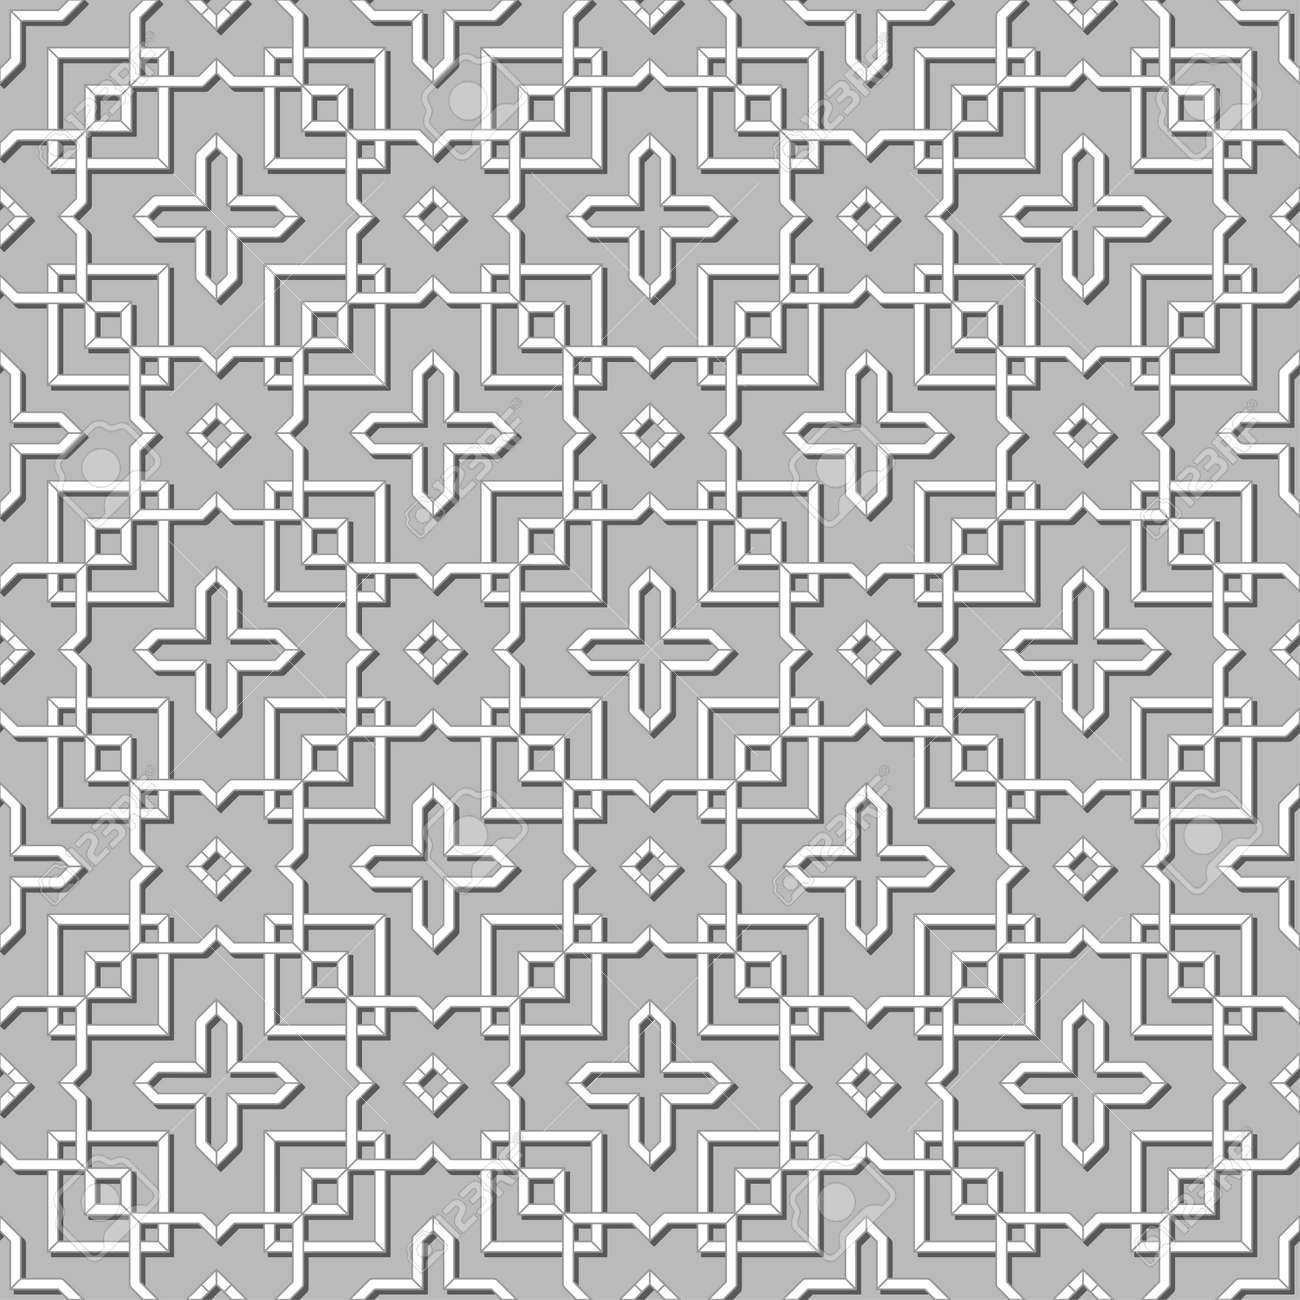 Abstrait Geometrique Papier Peint Islamique Modele Arabe Noir Blanc